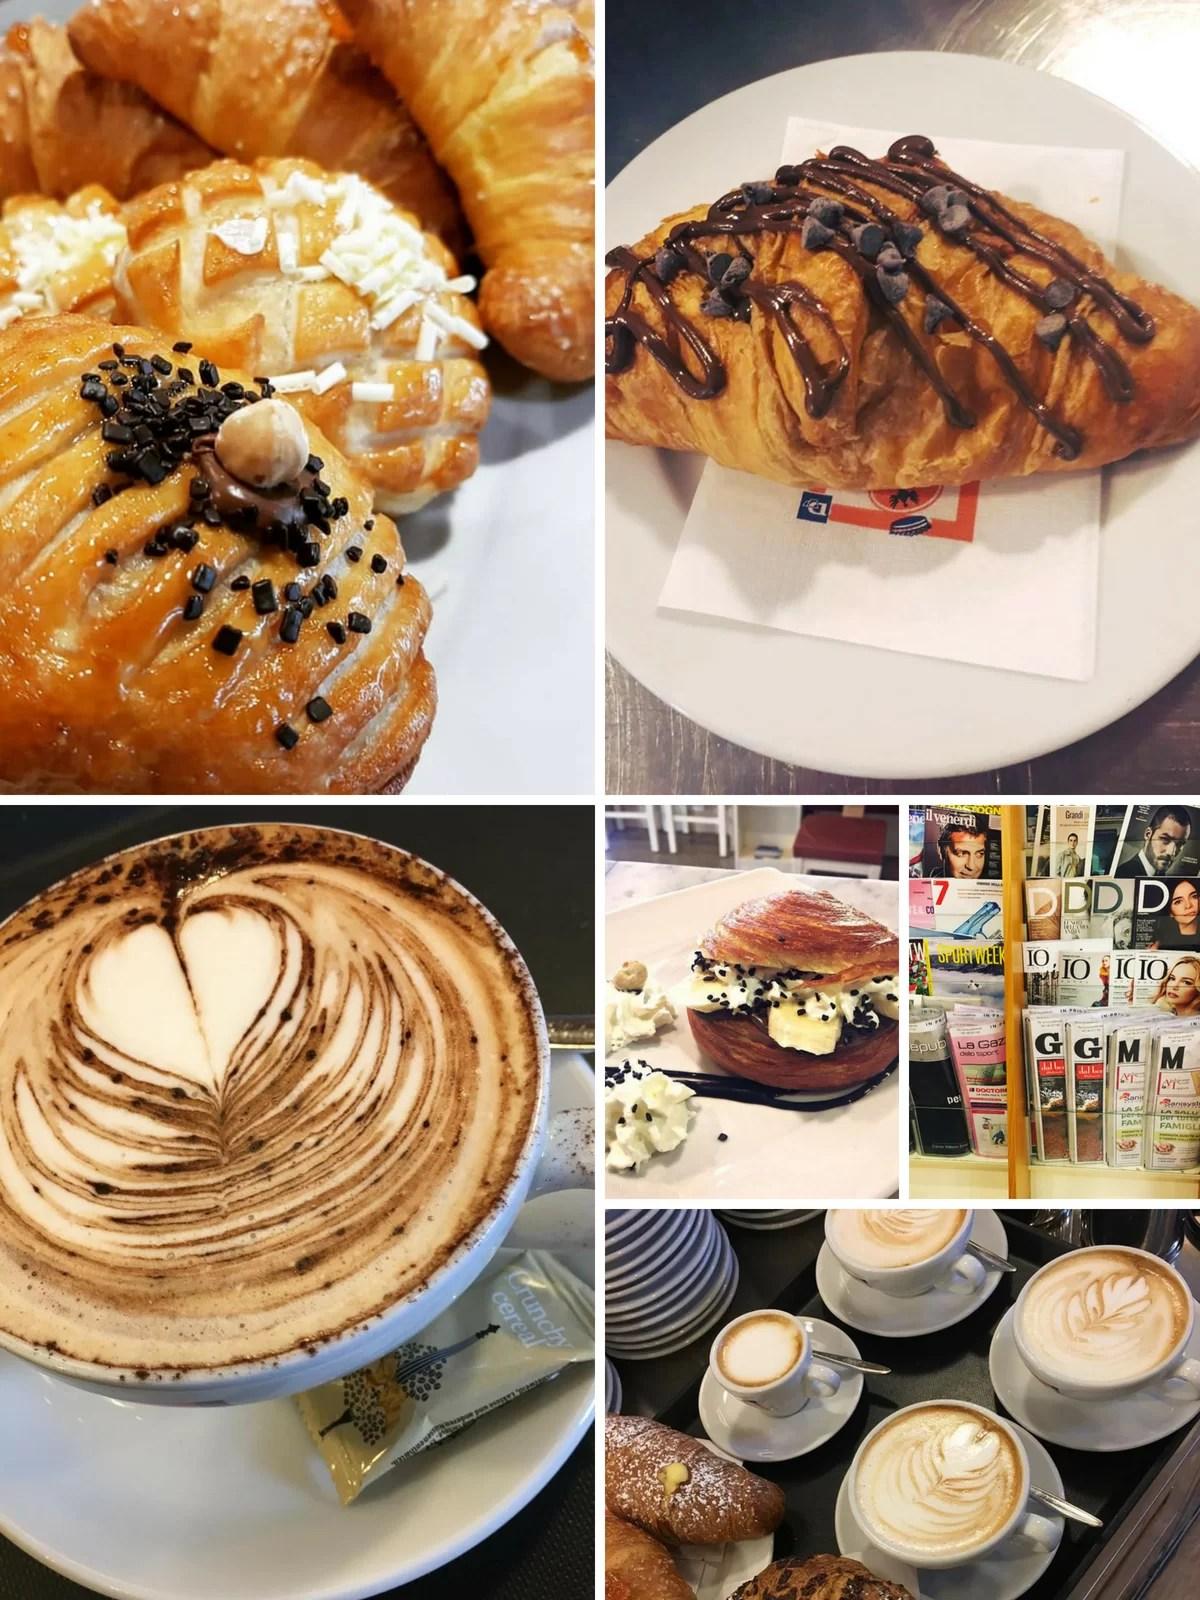 proposte colazione delle caffetterie giornale&caffè Dersut